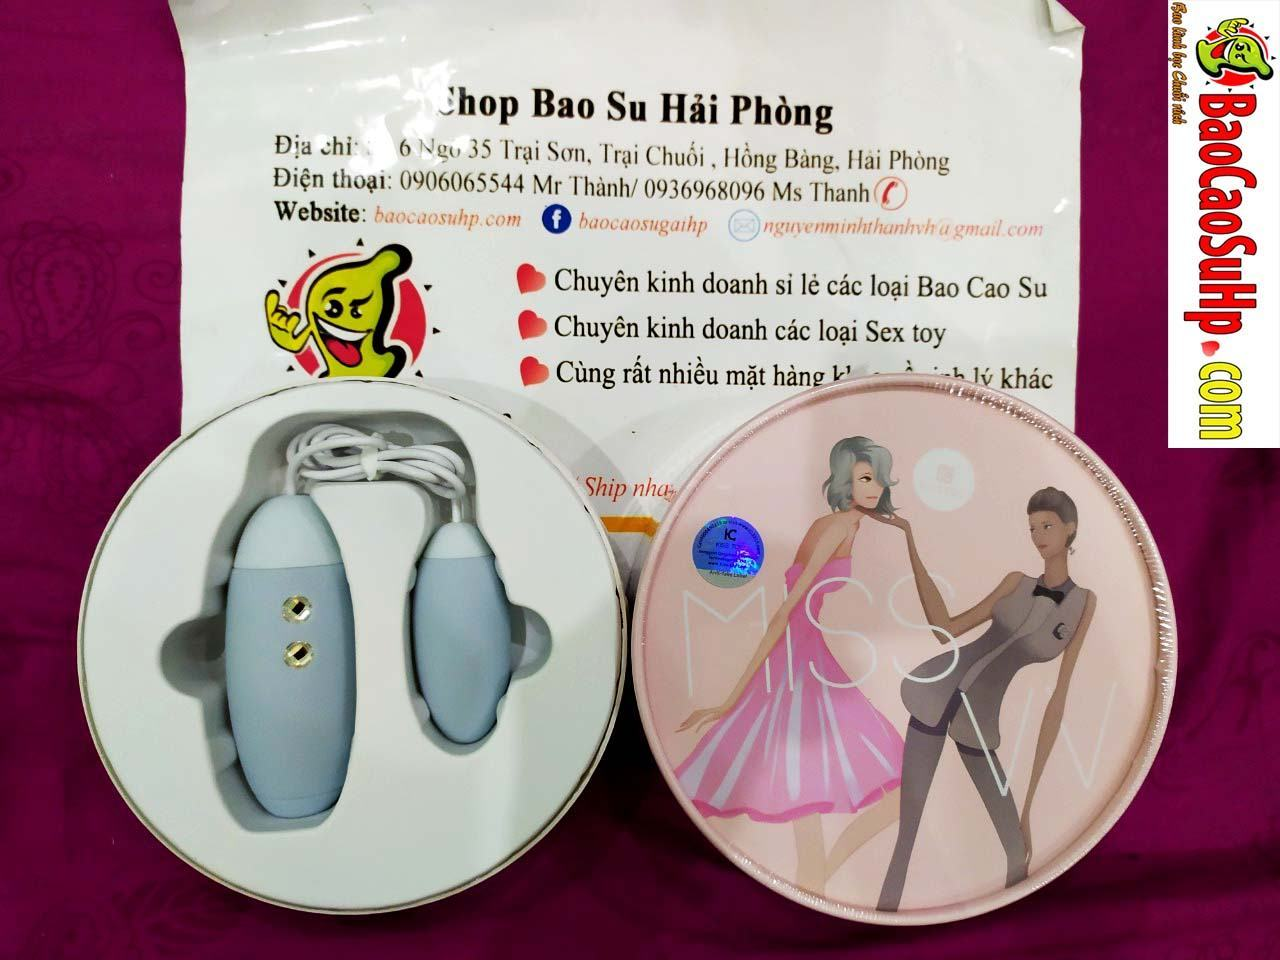 20190716230604 3820546 trung rung cao cap usa kisstoy miss w mut rung - Sextoy trứng rung bú mút, bộ son quần lót rung các loại hàng về 16.07.2019